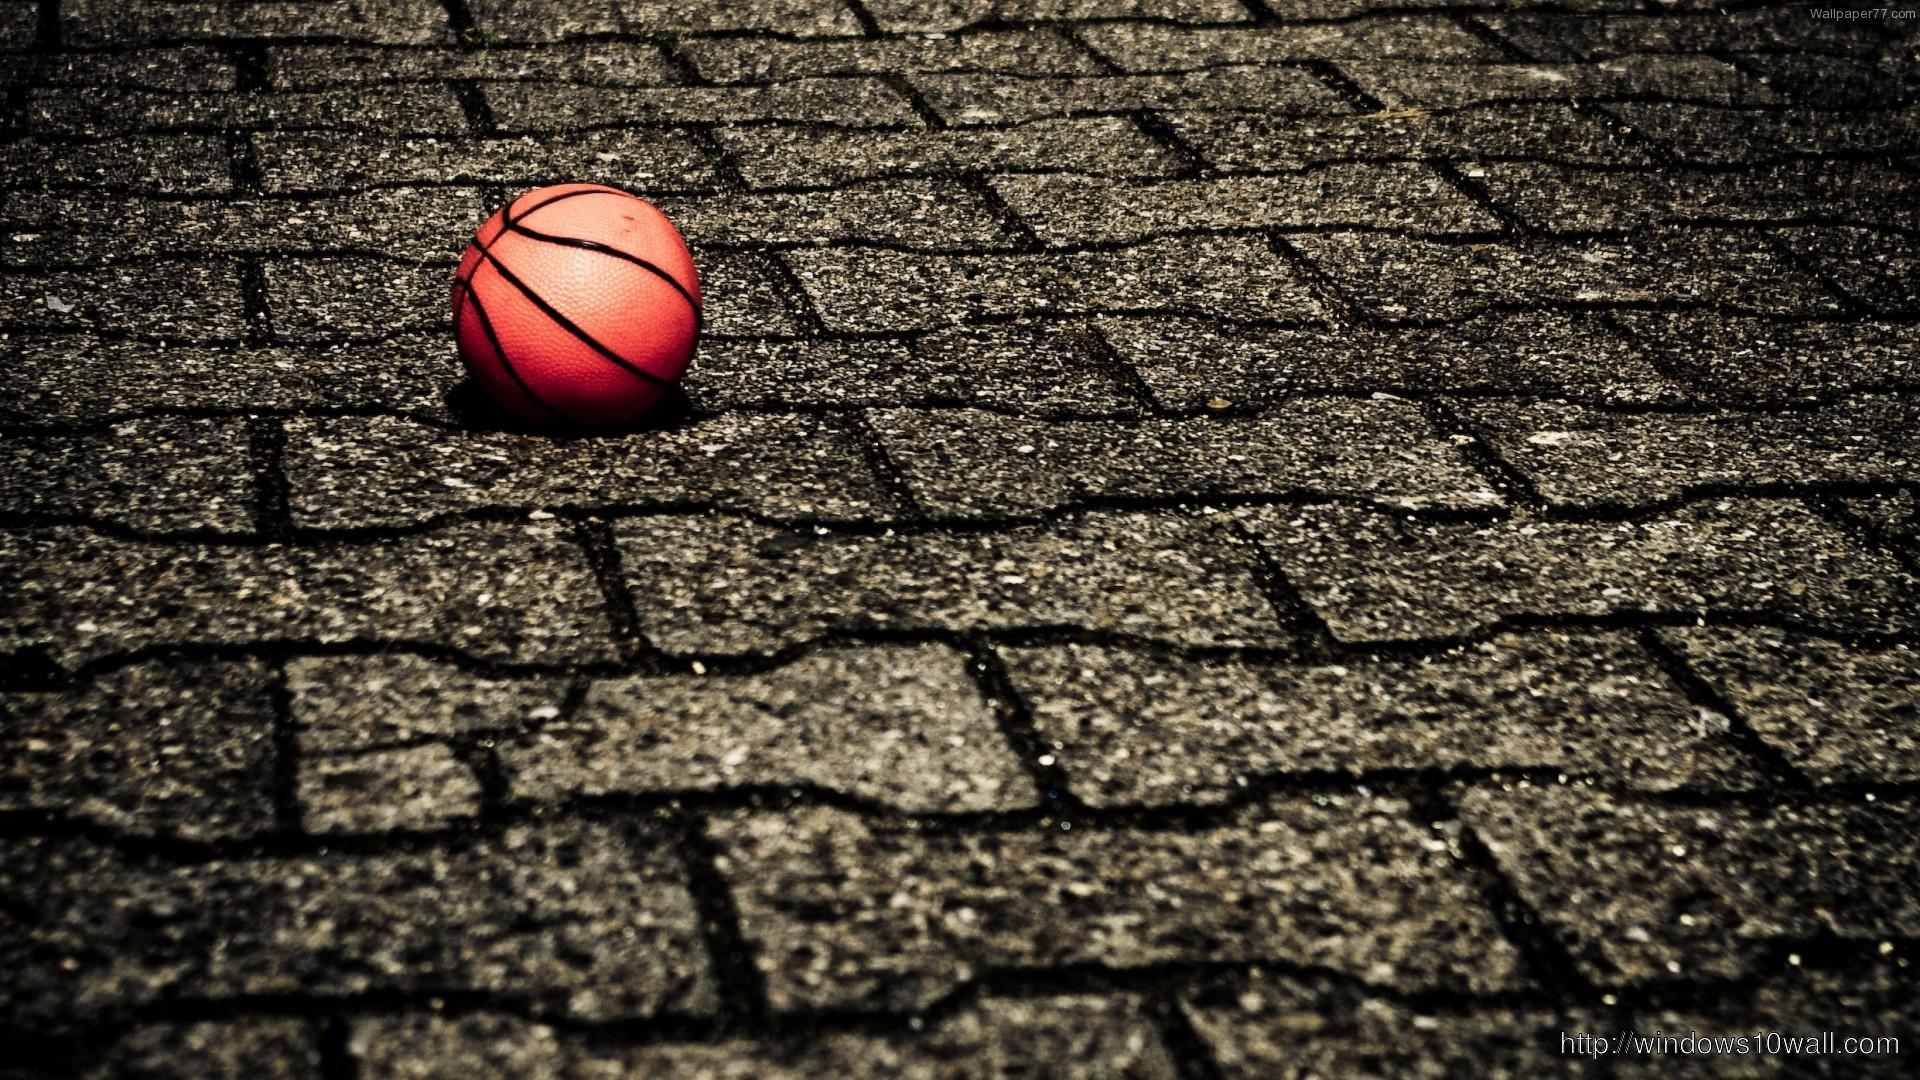 Basketball Latest HD